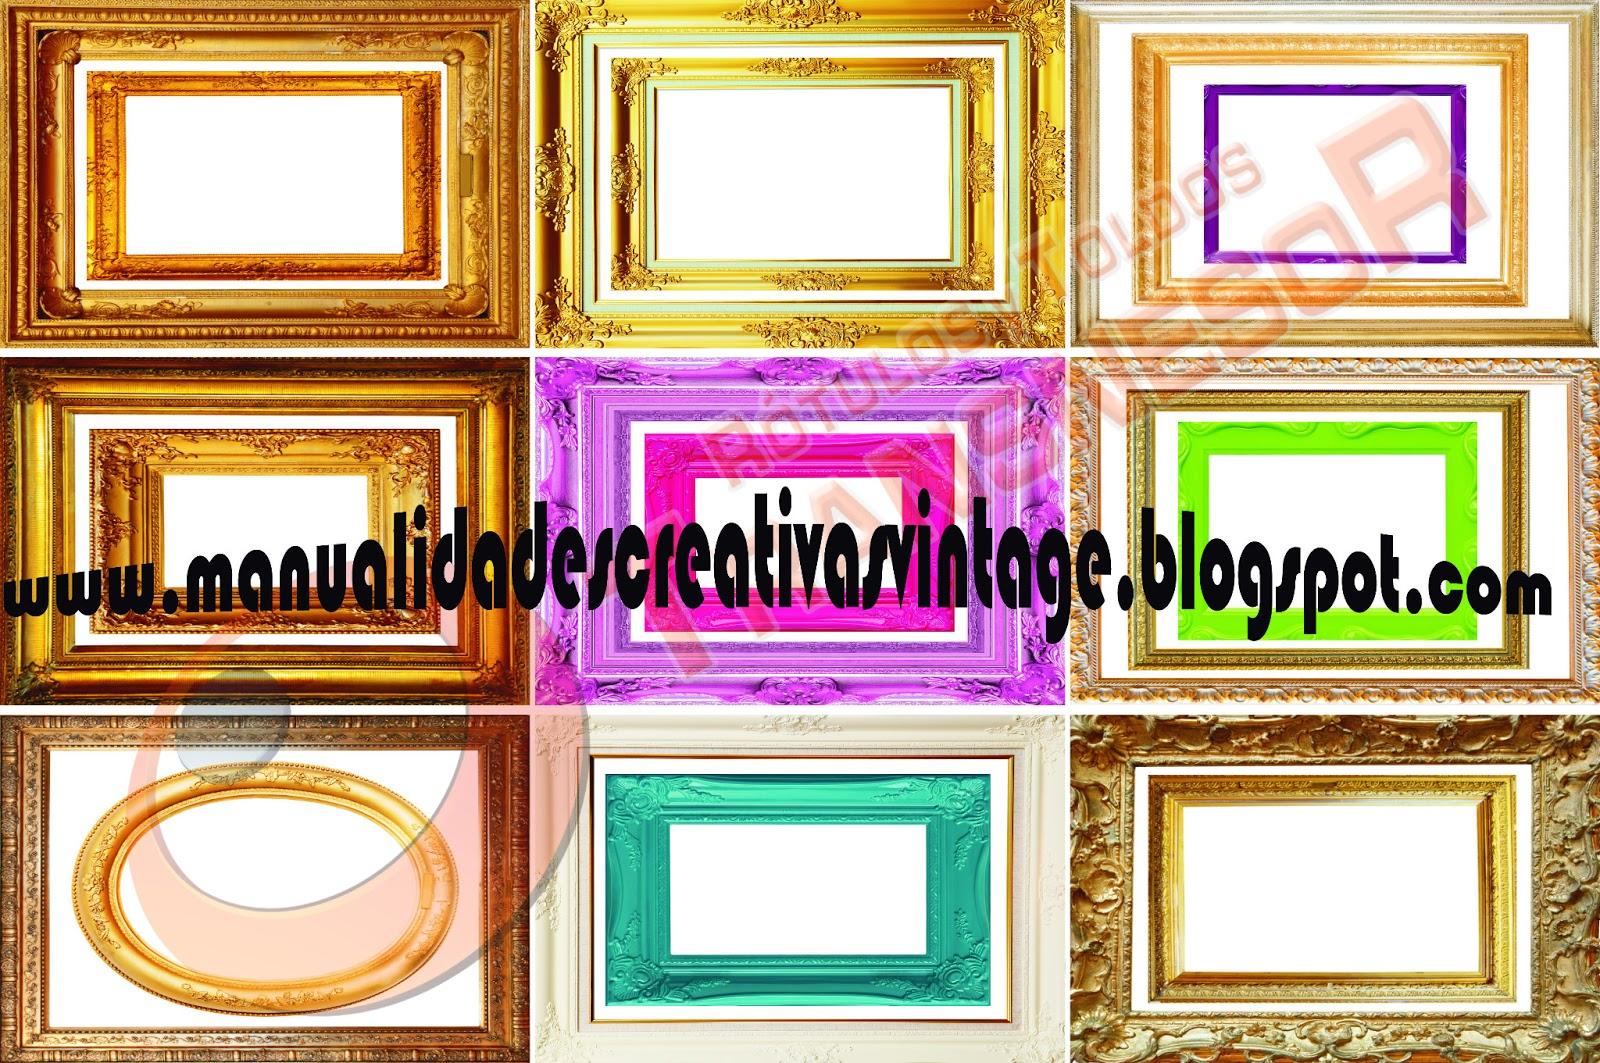 manualidades creativas Vintage: Marcos para photocall